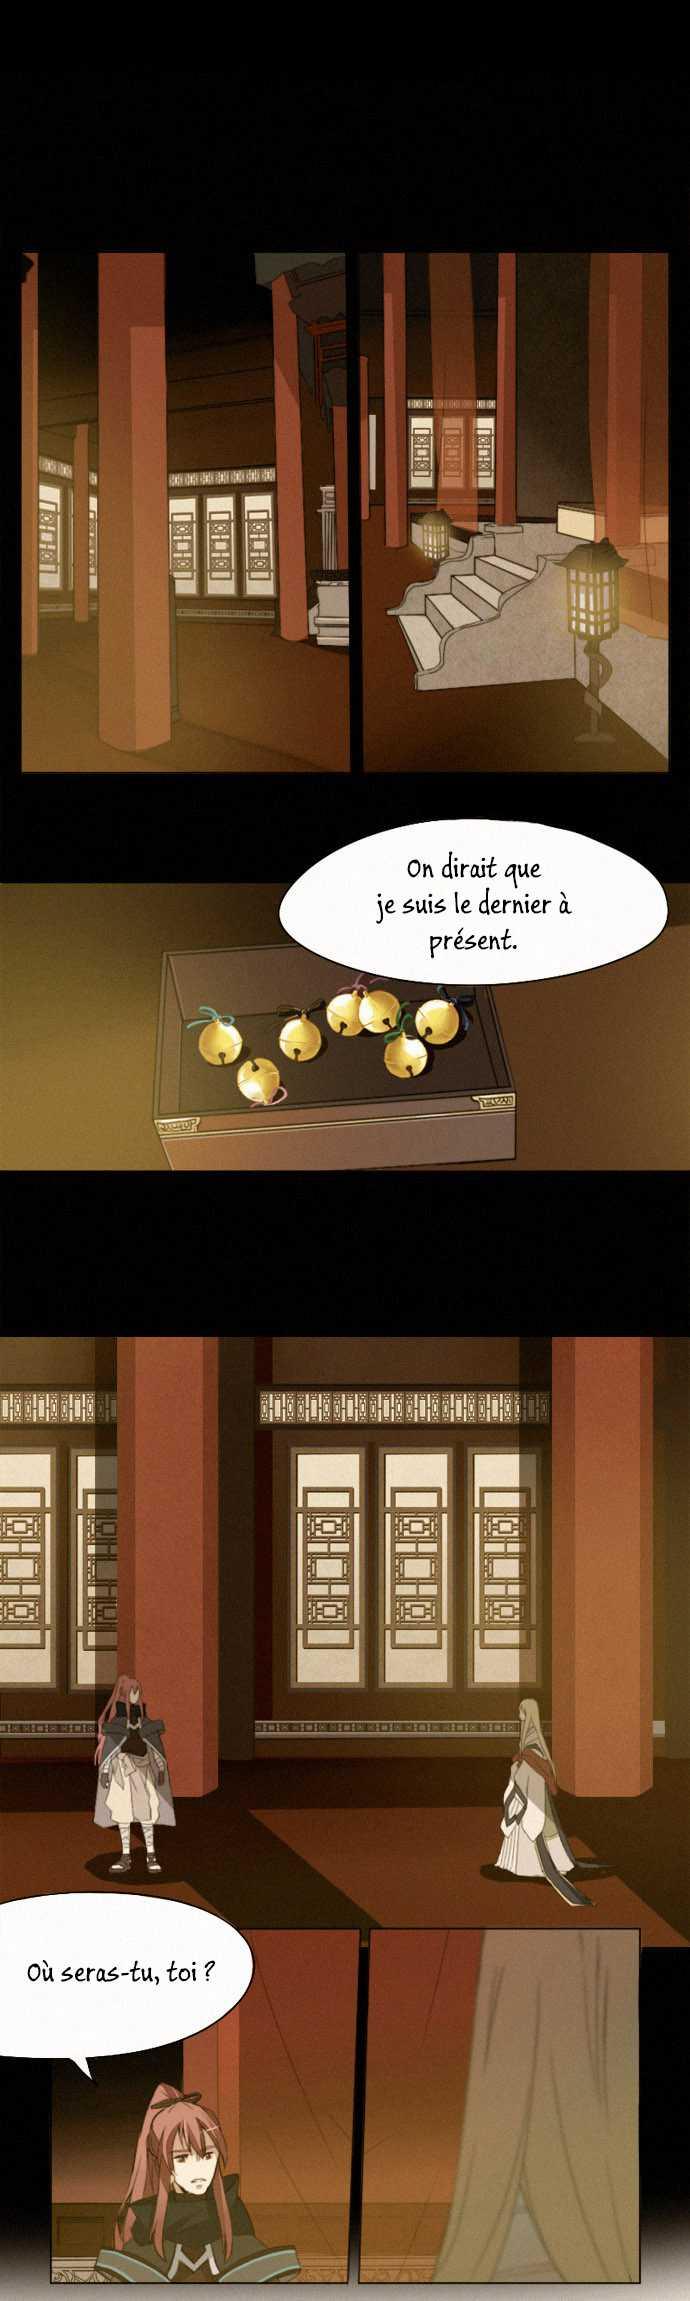 https://nine.mangadogs.com/fr_manga/pic1/1/833/40808/ShinryeongGhostBell0VF_0_231.jpg Page 1